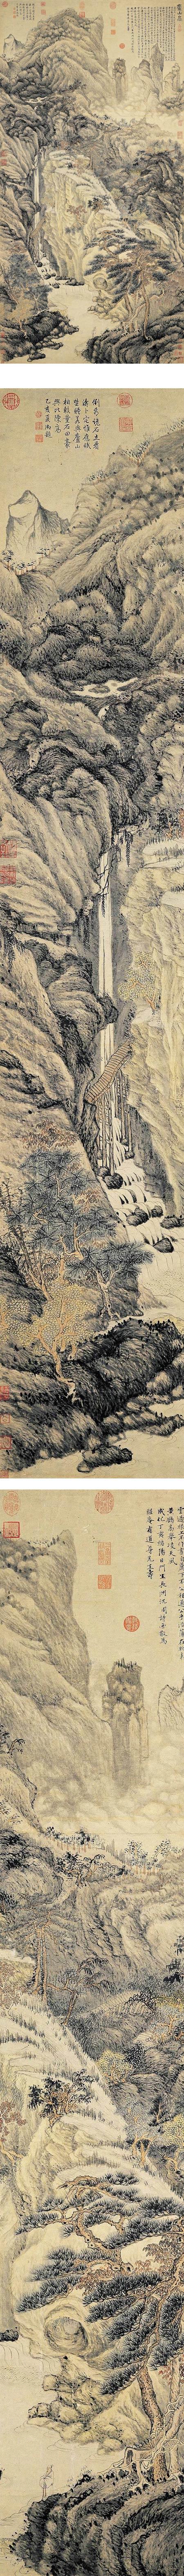 Lofty Mount Lu, by Shen Zhou